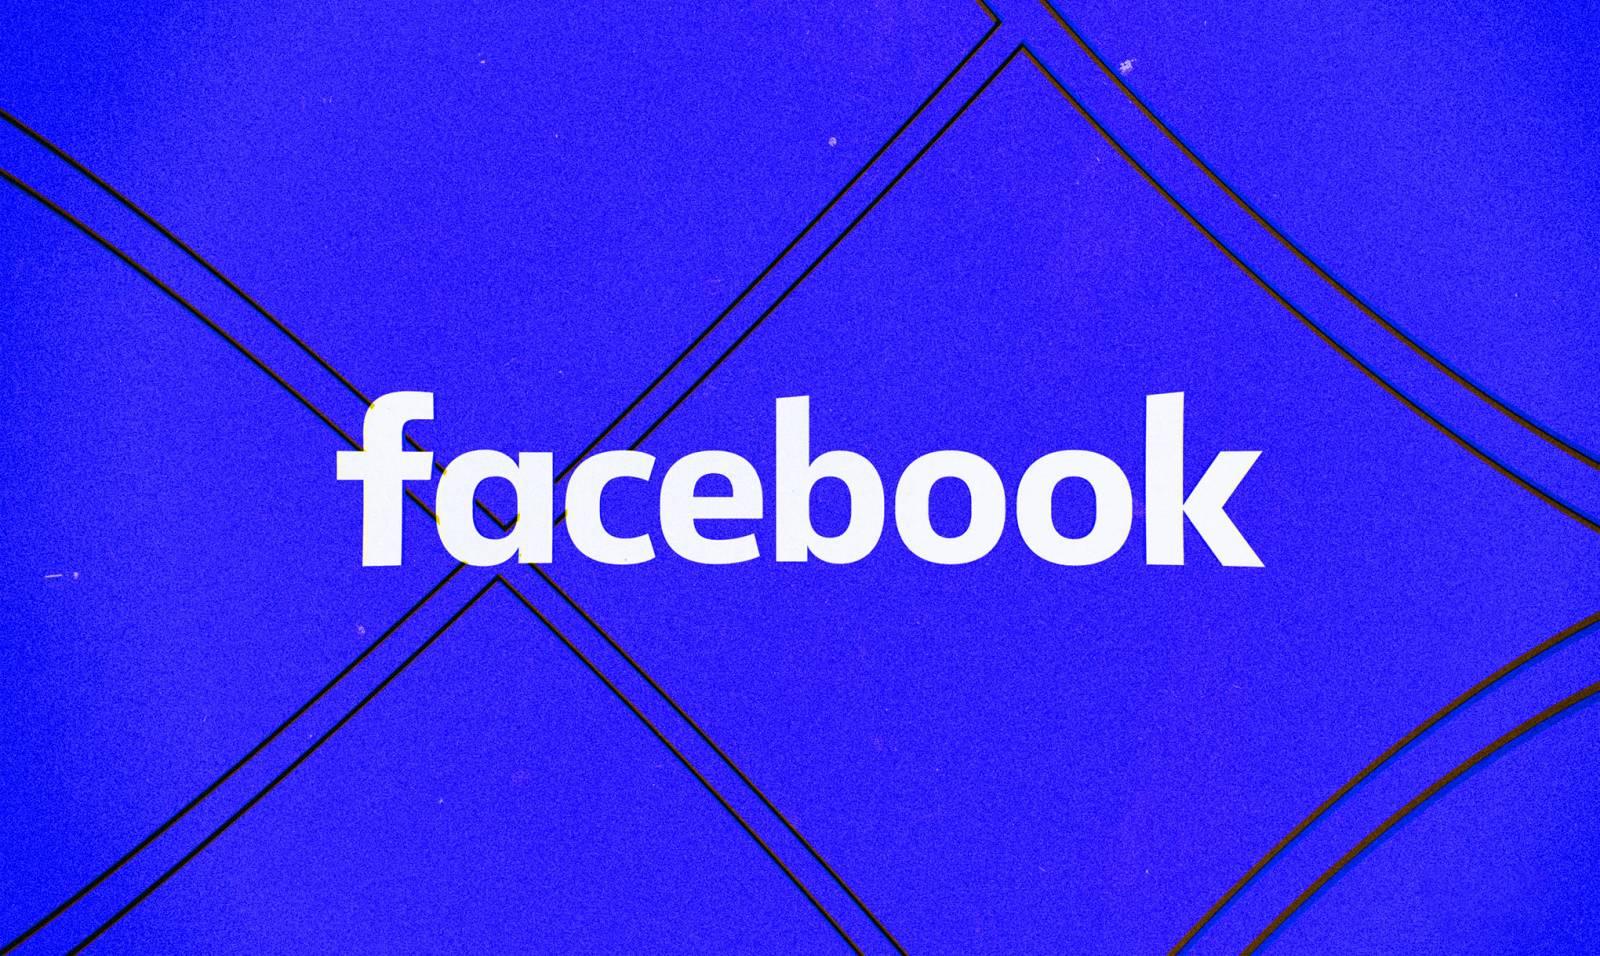 Facebook instagram reels